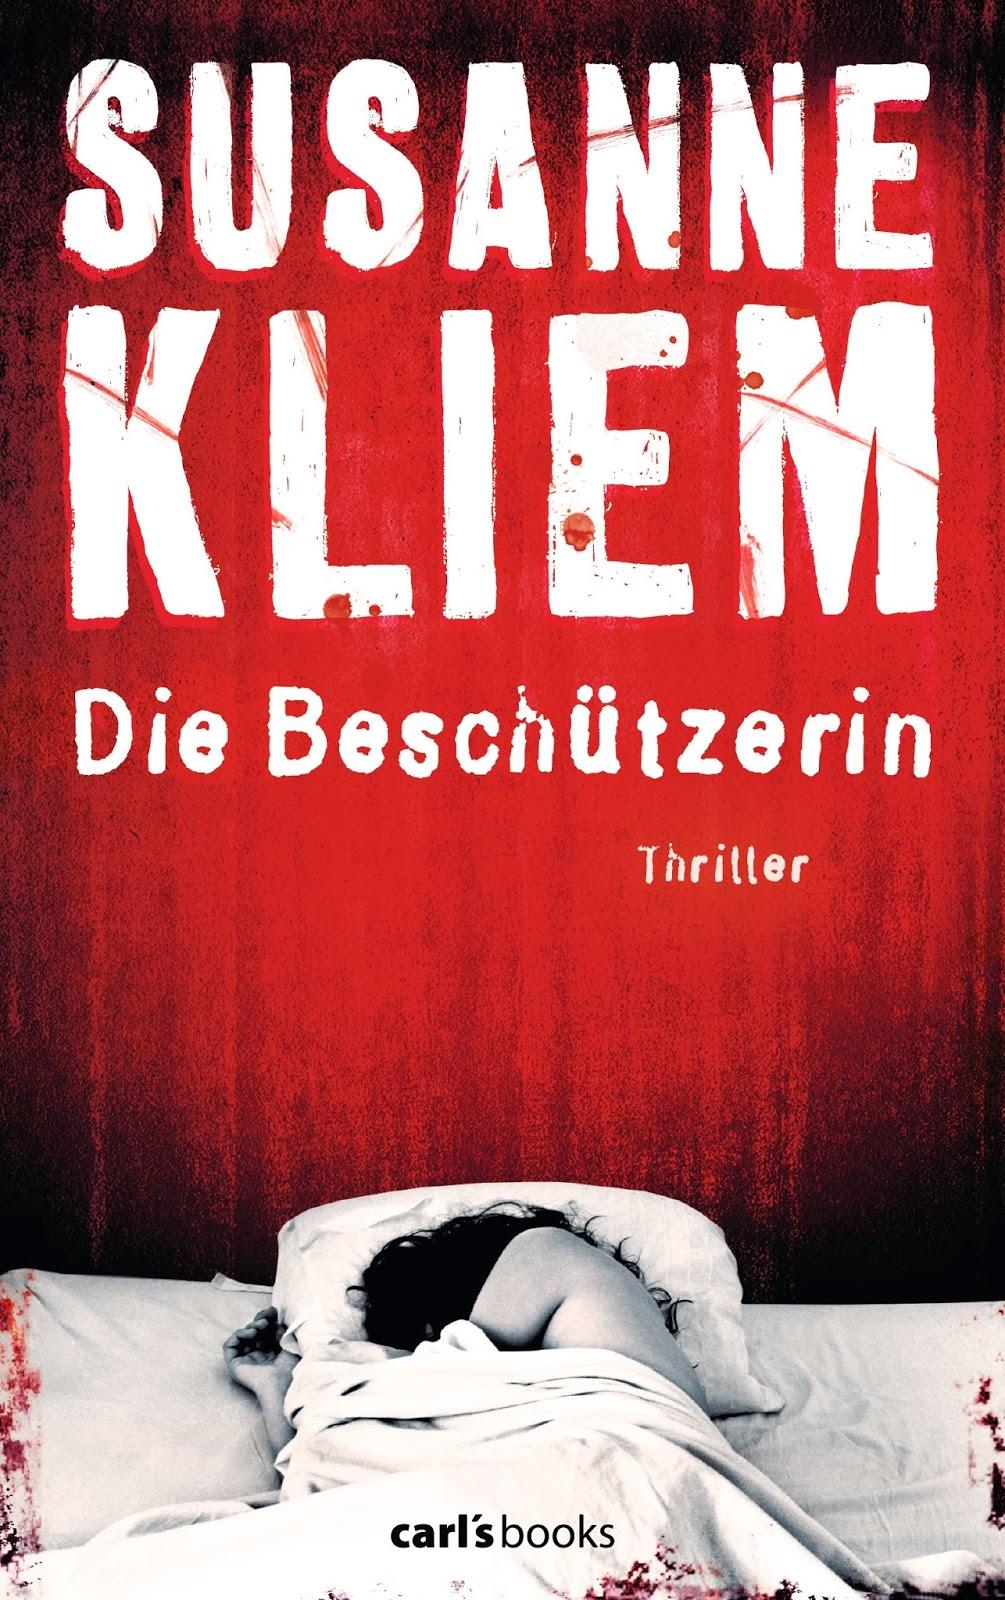 http://www.amazon.de/Die-Besch%C3%BCtzerin-Thriller-Susanne-Kliem/dp/357058531X/ref=sr_1_1?ie=UTF8&qid=1393676537&sr=8-1&keywords=die+besch%C3%BCtzerin